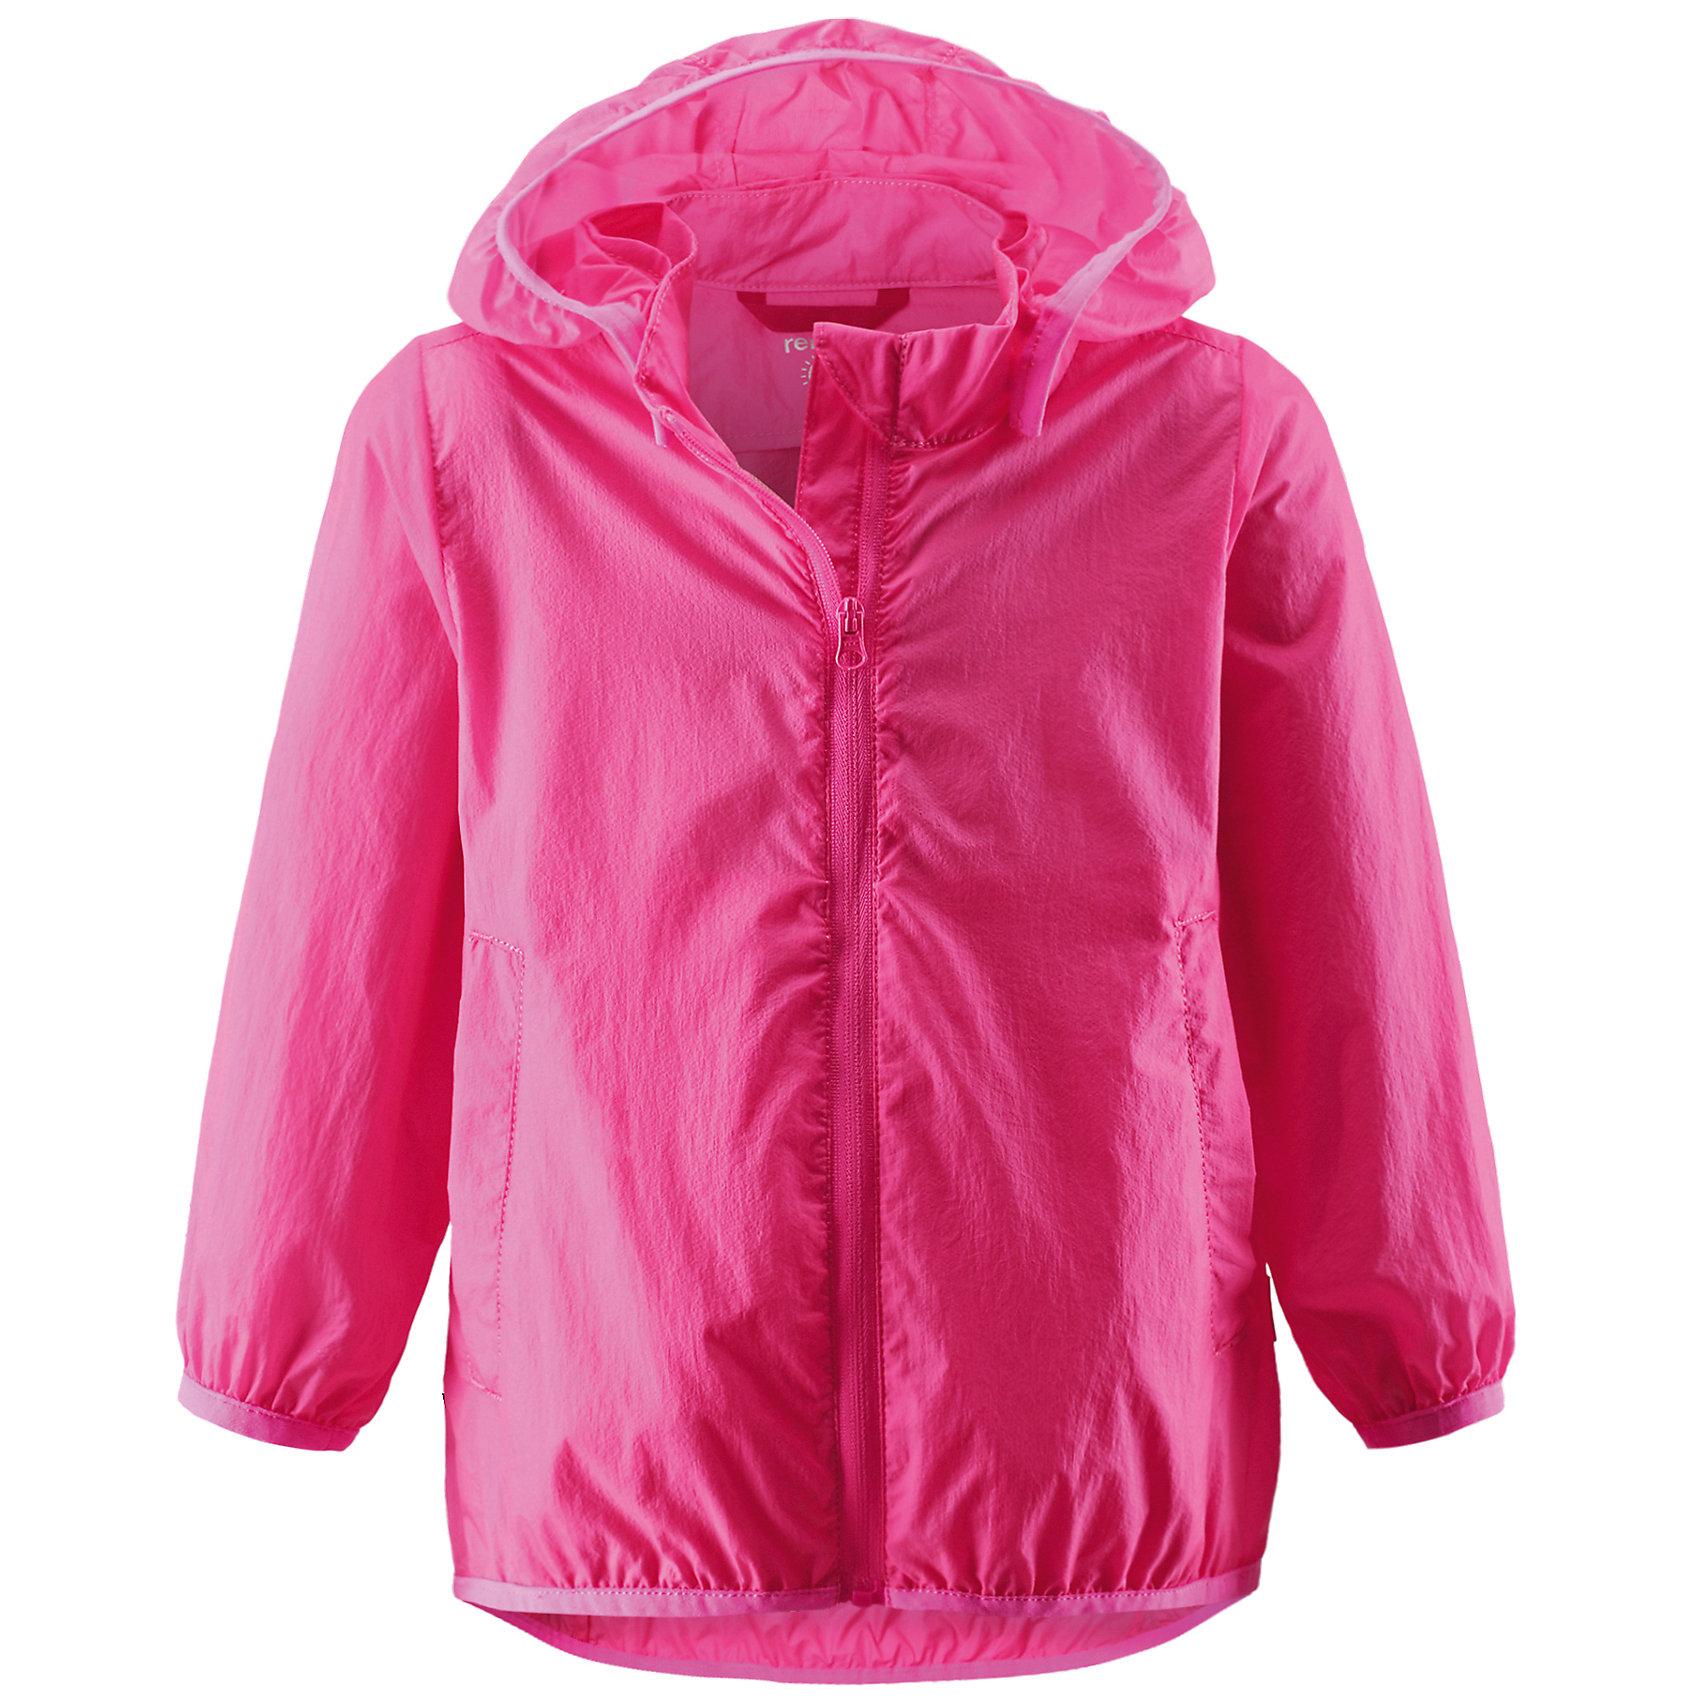 Куртка для девочки ReimaВерхняя одежда<br>Куртка от финской марки Reima.<br>*Куртка для малышей*Безопасный, съемный капюшон*Эластичная резинка на кромке капюшона, манжетах и подоле*Возможность сложить куртку в ее собственный карман*Два боковых кармана<br>Состав:<br>100% ПА<br><br>Ширина мм: 356<br>Глубина мм: 10<br>Высота мм: 245<br>Вес г: 519<br>Цвет: розовый<br>Возраст от месяцев: 6<br>Возраст до месяцев: 9<br>Пол: Женский<br>Возраст: Детский<br>Размер: 74,92,86,98,80<br>SKU: 4631354